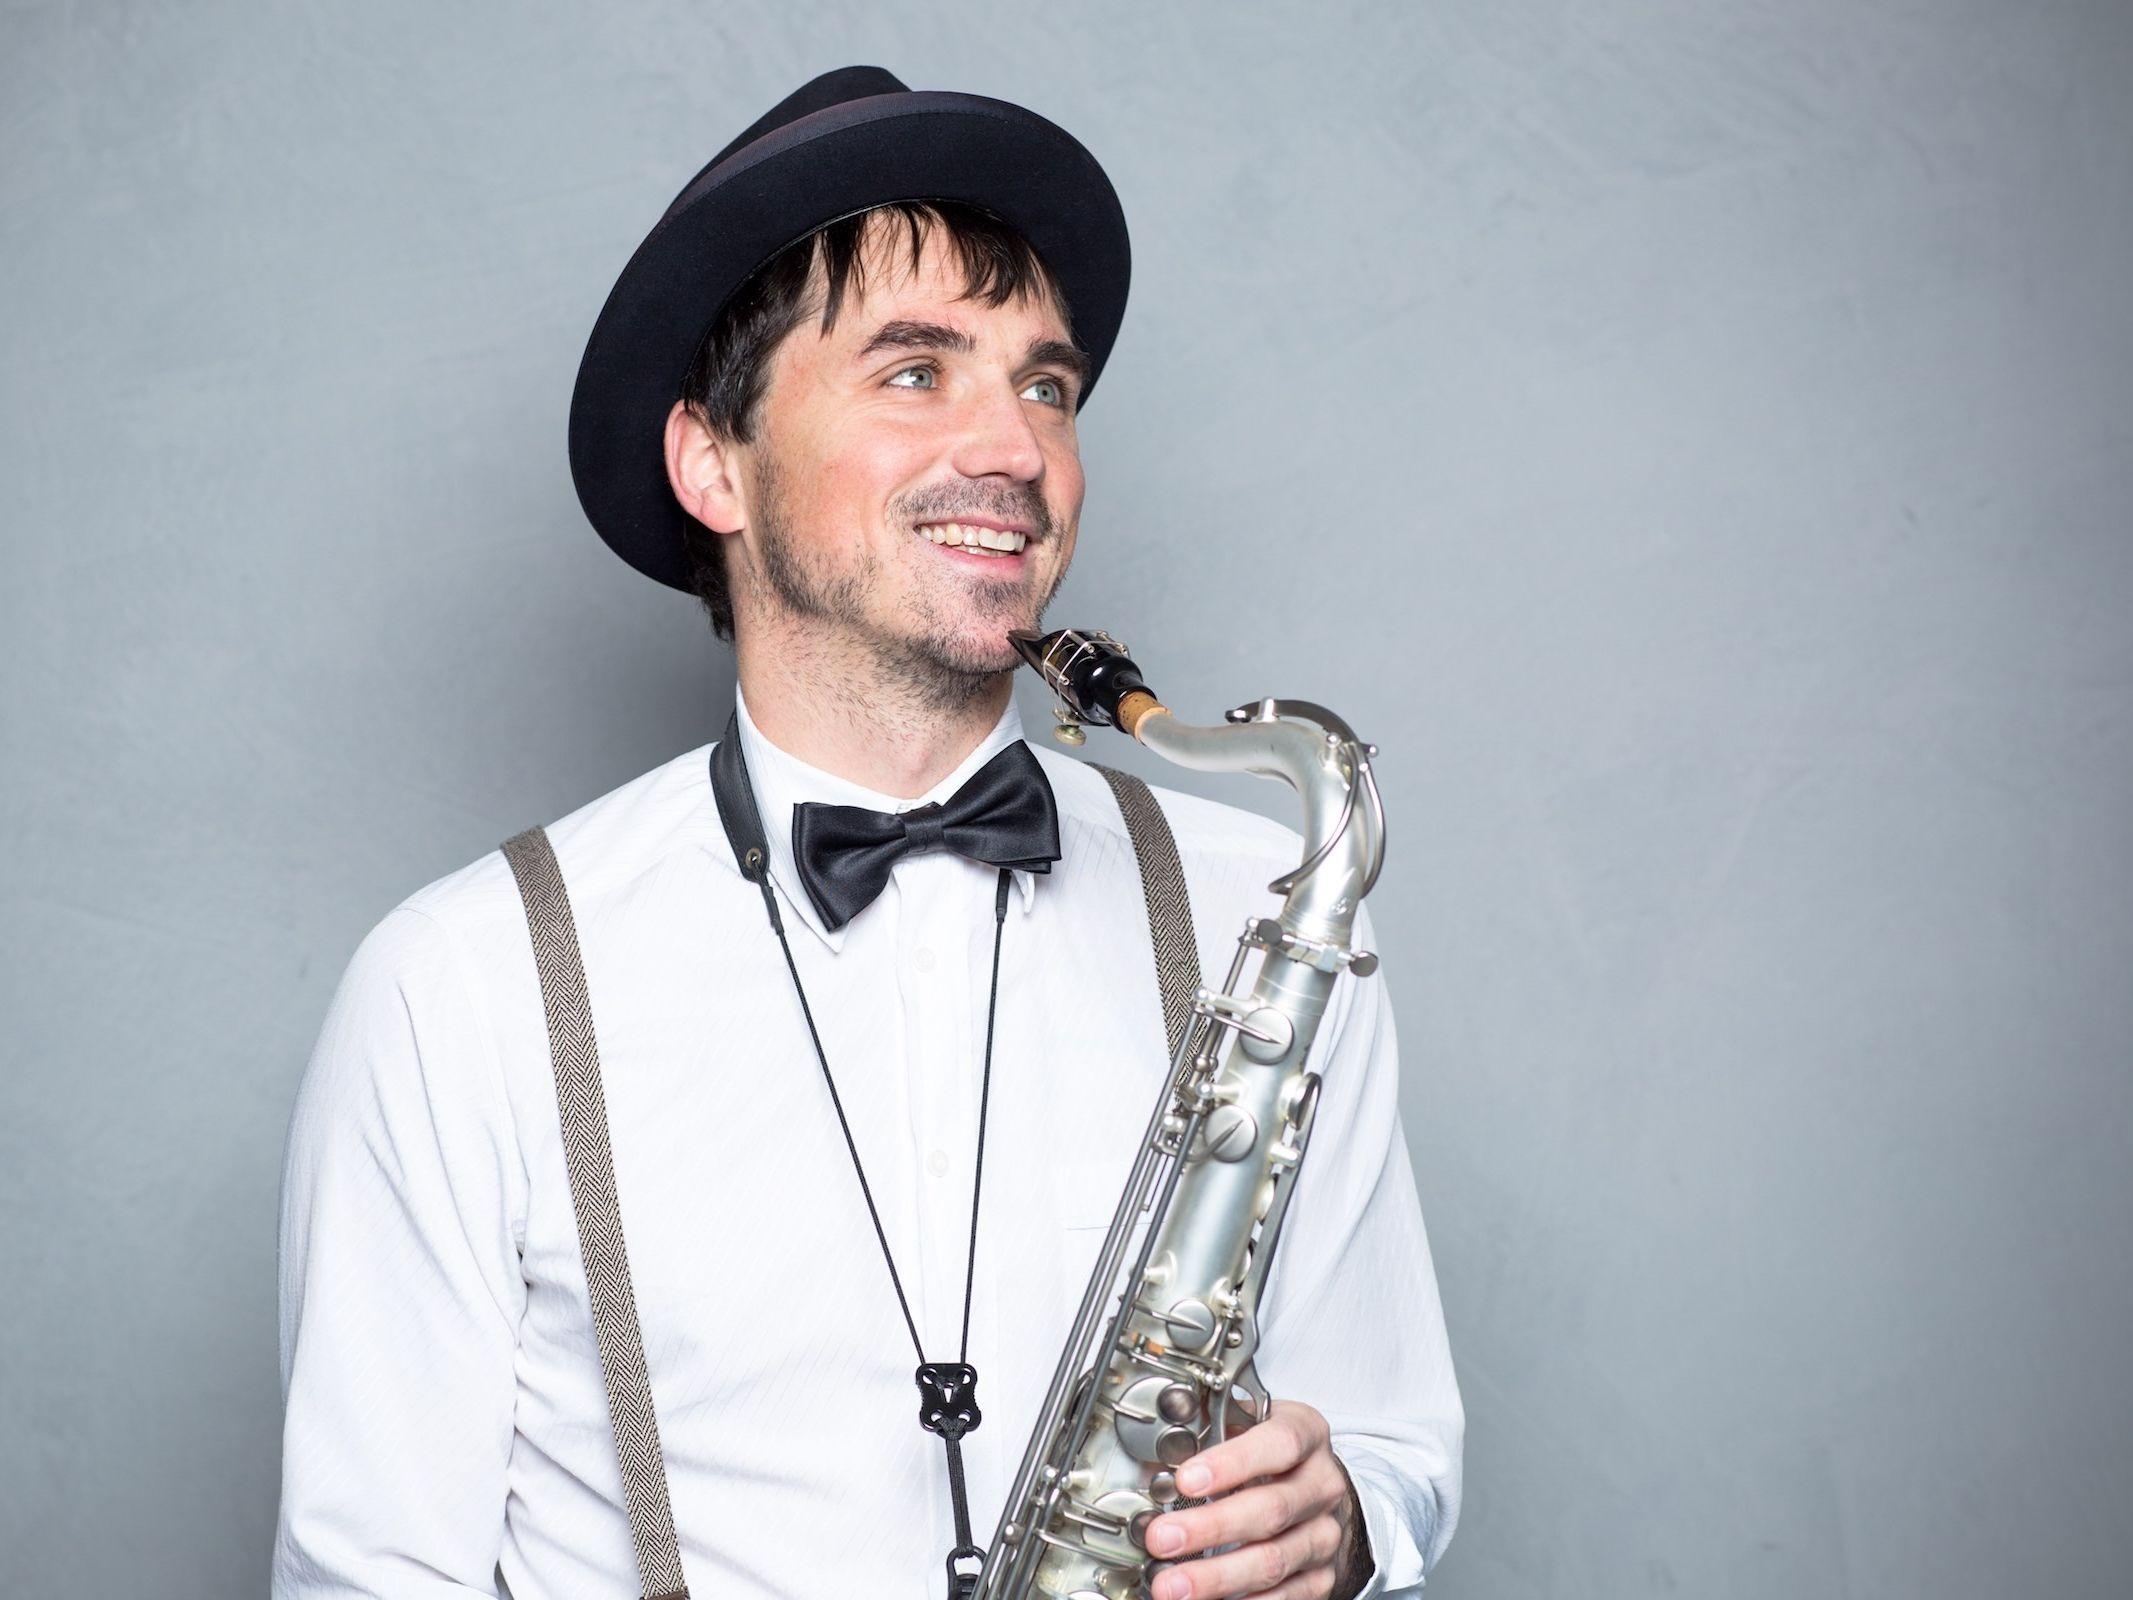 Saxophonist | Saxophon | Hannover | Hochzeit | Buchen | Liveband | Livemusik | Party | Schlagzeug | Jazz | Swing | Party | DJ | Pop | House | Electro | Hochzeit | Sektempfang | Messe | Firmenfeier | Gala | Mieten | Anfragen